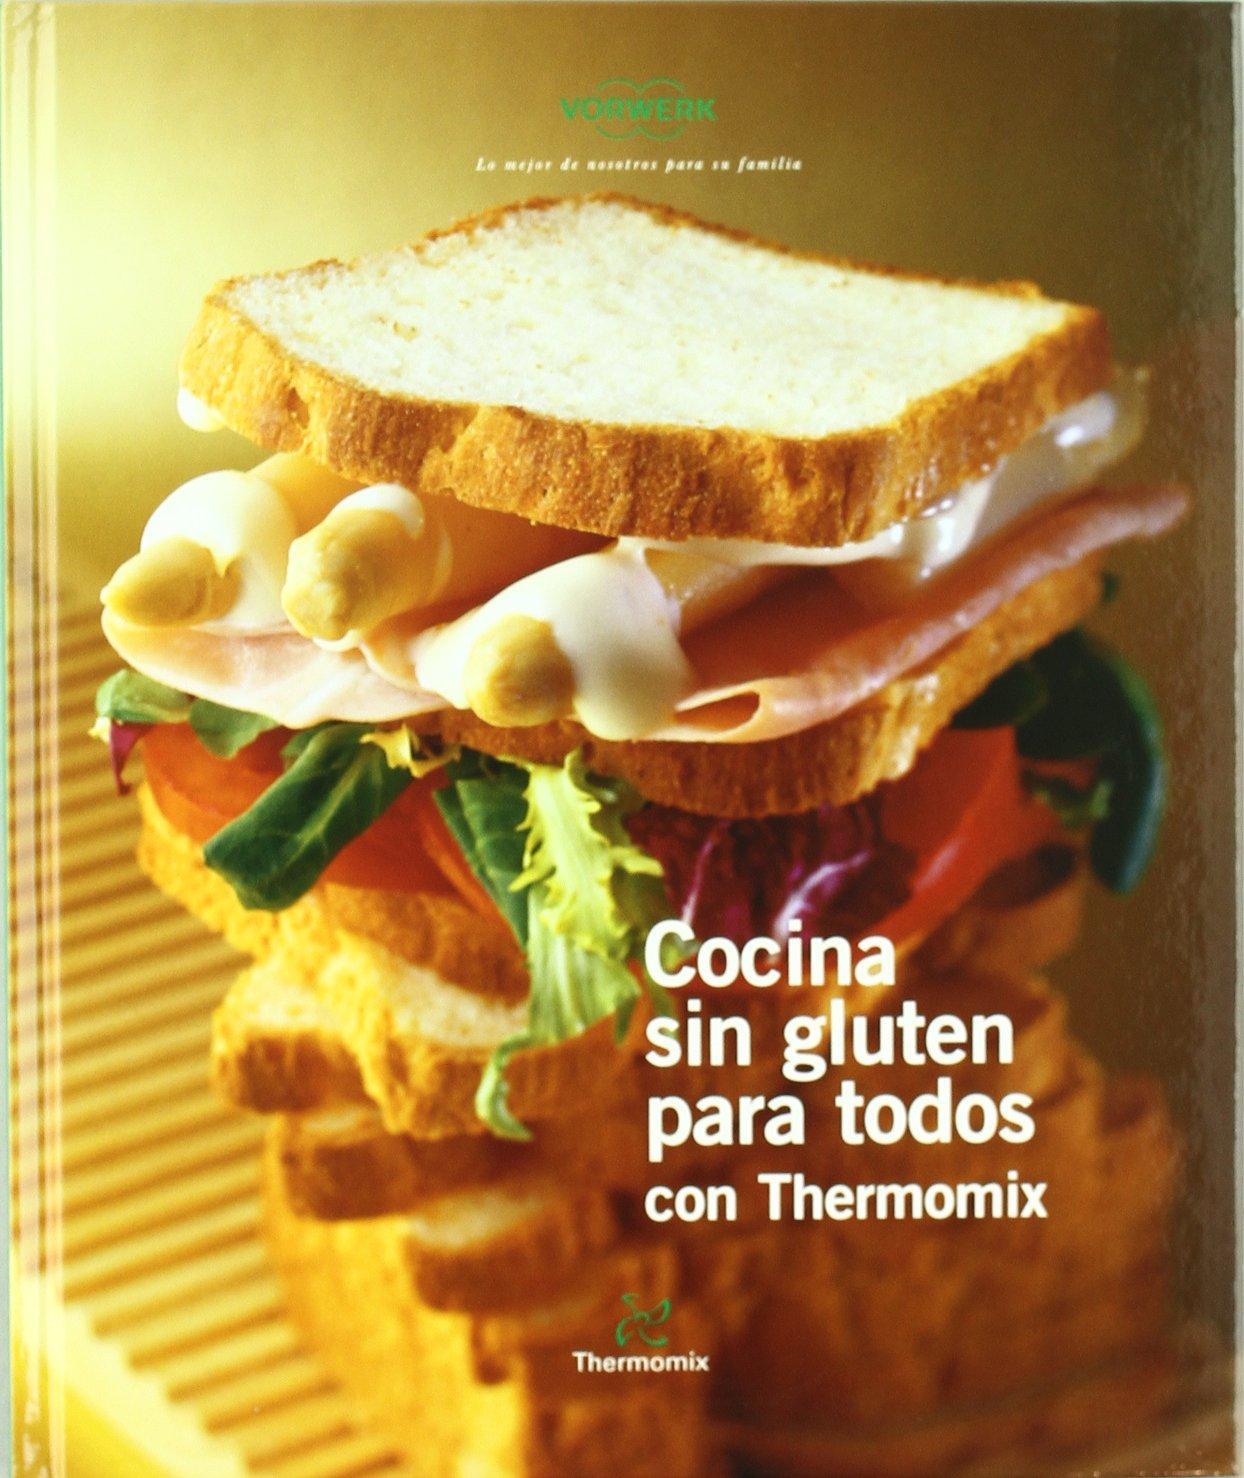 Cocina sin gluten para todos libros thermomix para celiacos recetas para thermomix - Cocina para todos ...